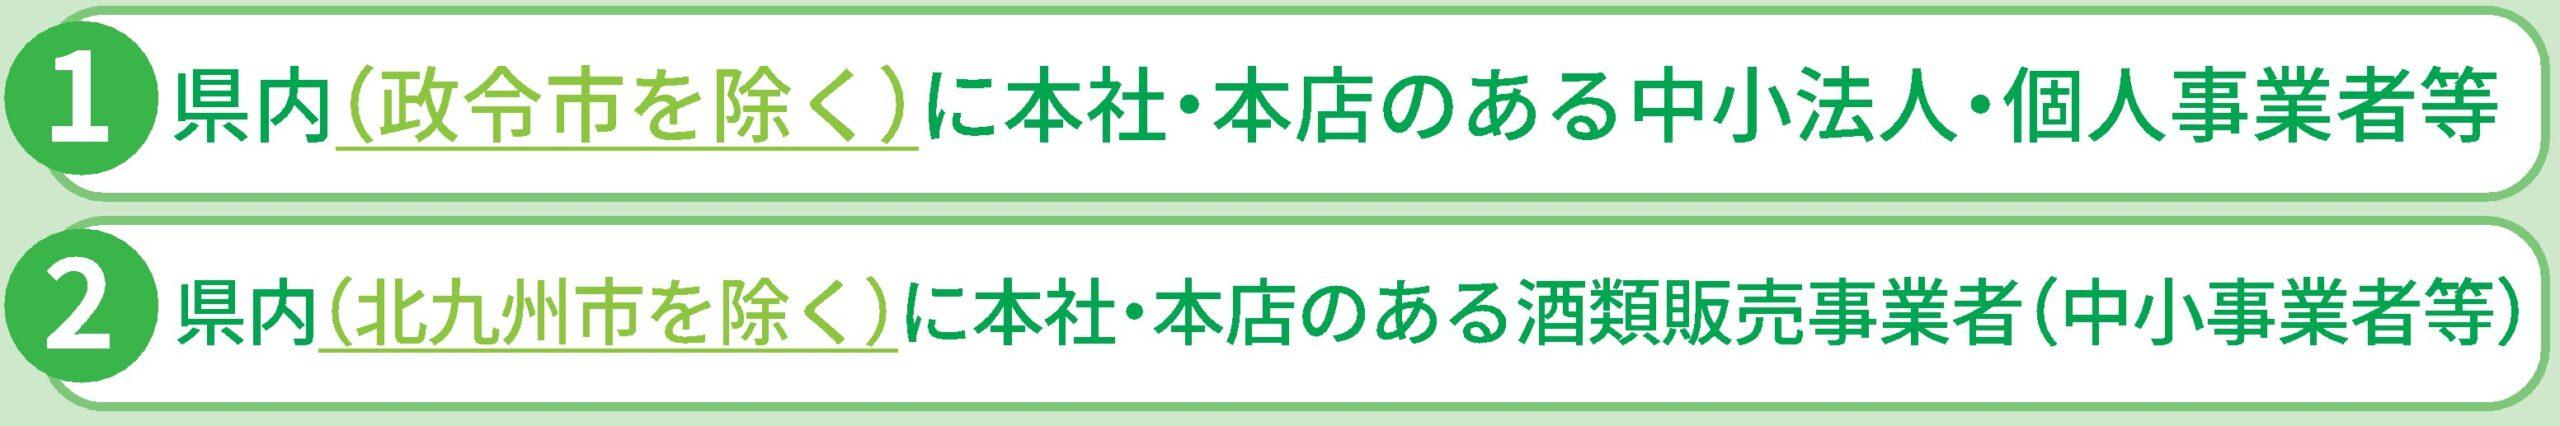 福岡県中小企業者等月次支援金給付額